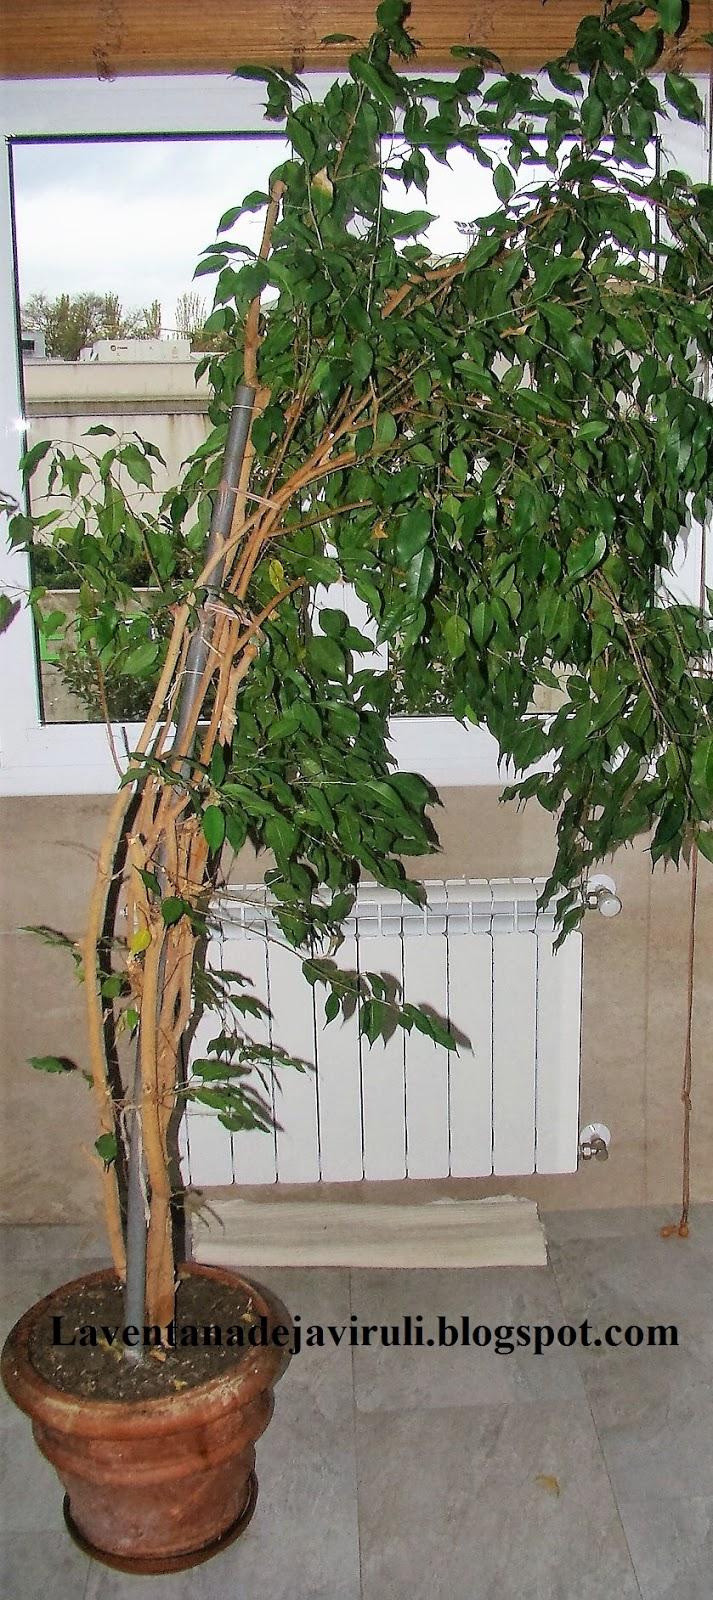 la ventana de javiruli plantas de interior 49 poda de